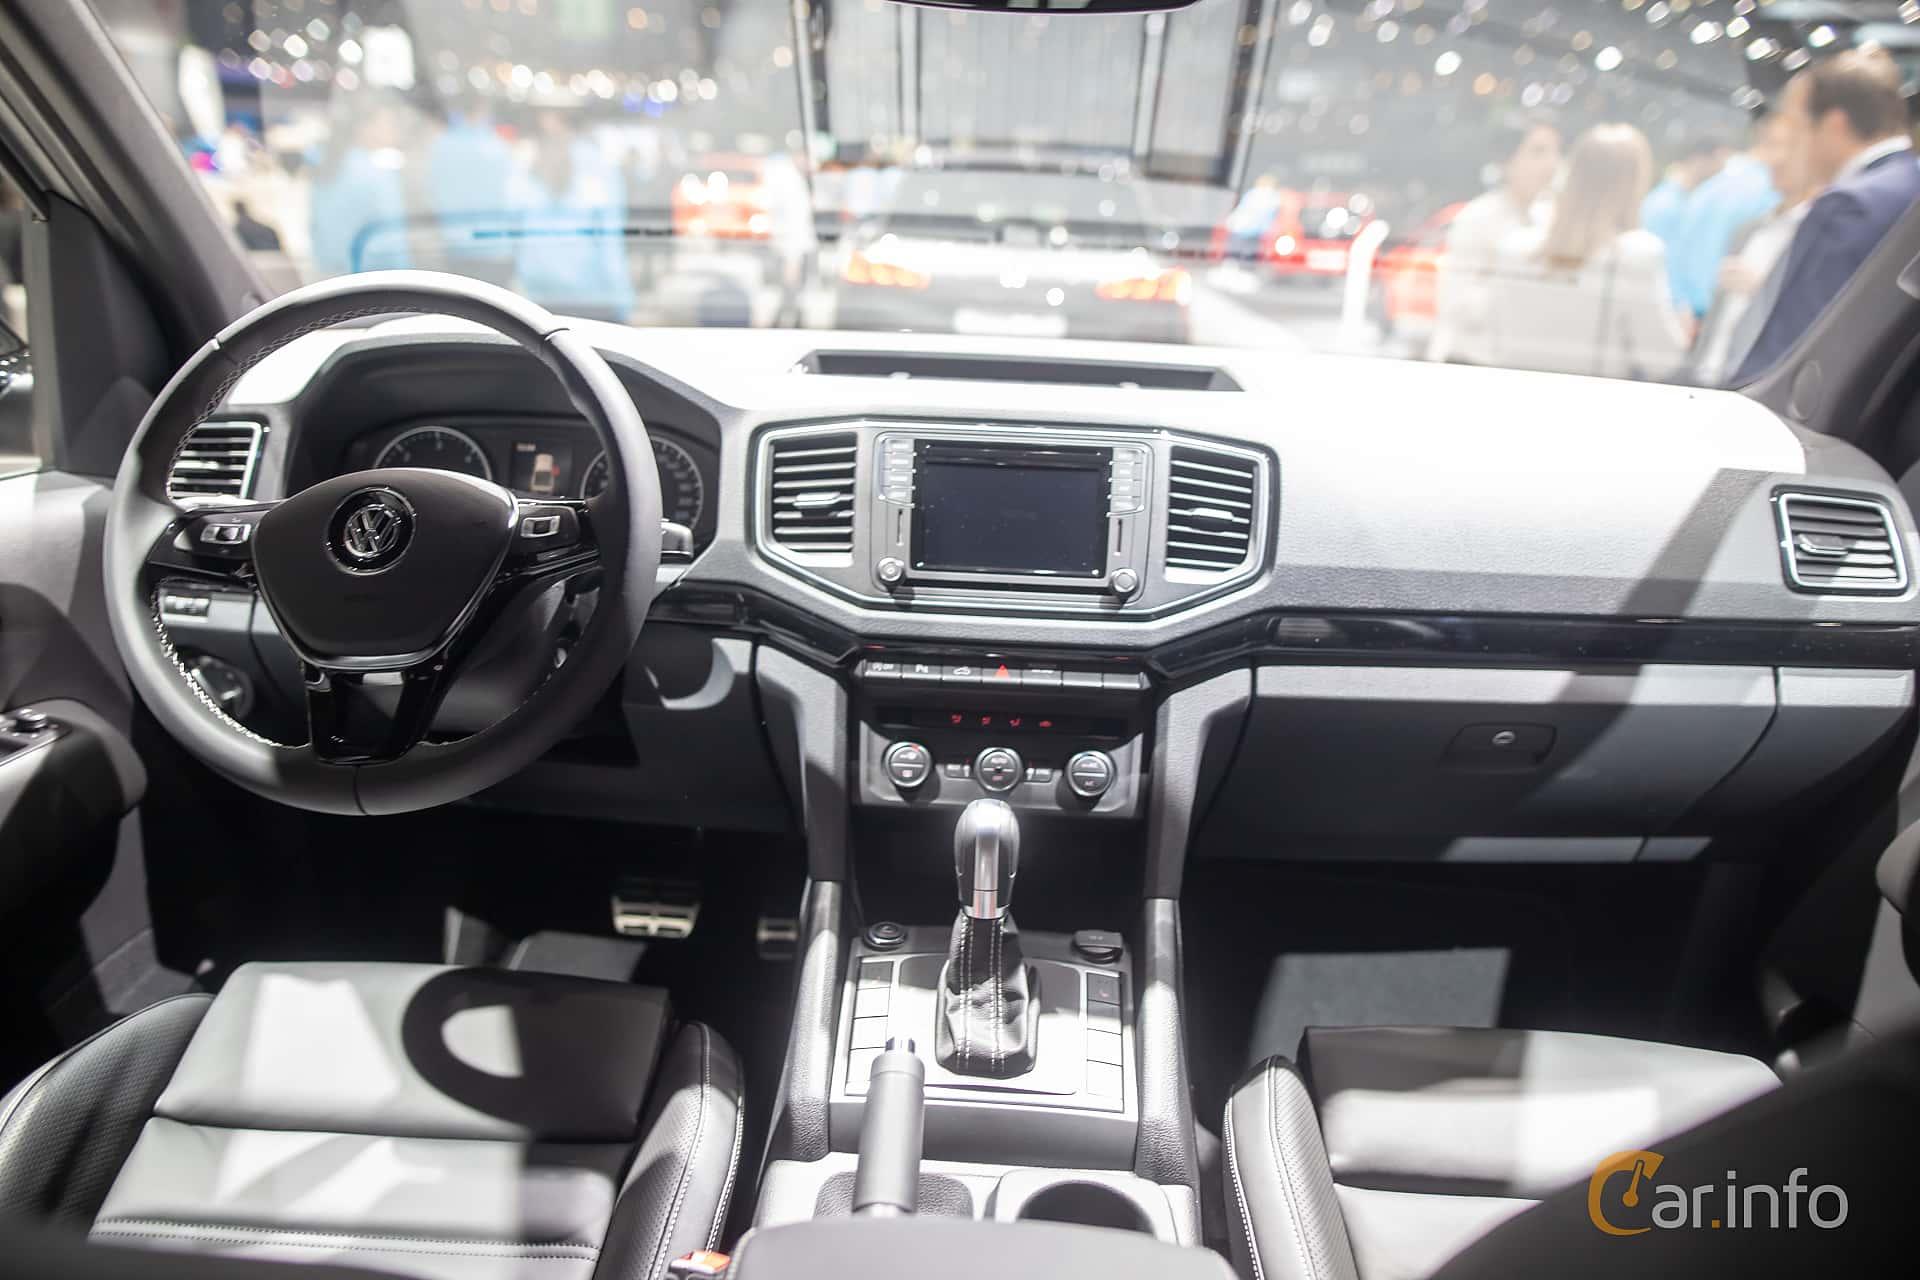 Interior of Volkswagen Amarok Dual Cab 3 0 V6 TDI 4Motion